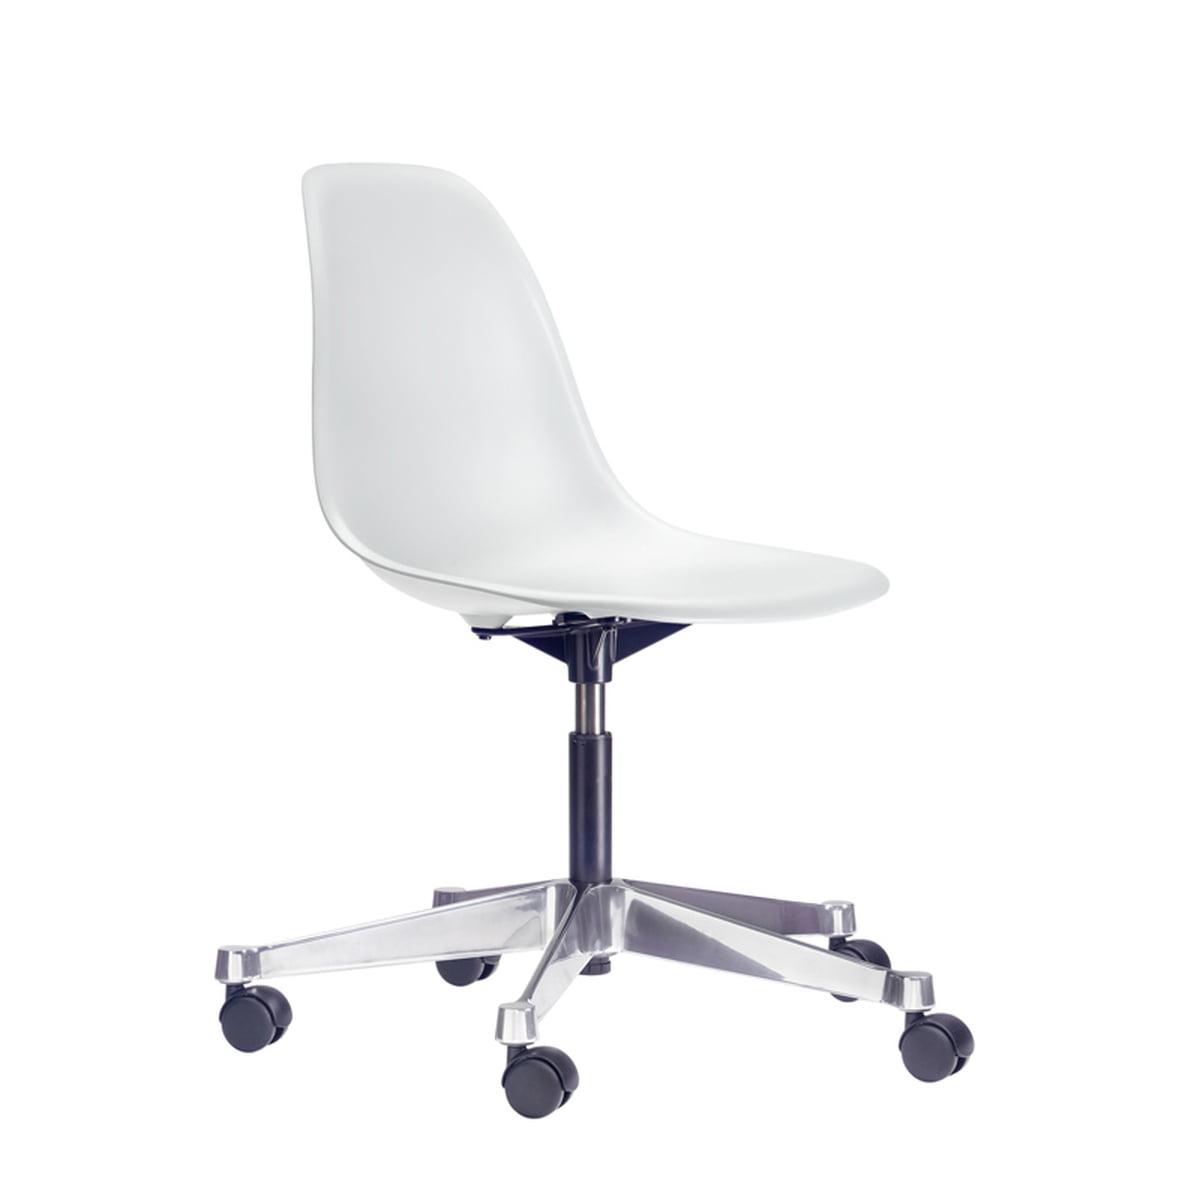 Vitra Eames Plastic Side Chair Pscc White Rolls For Hard Floors